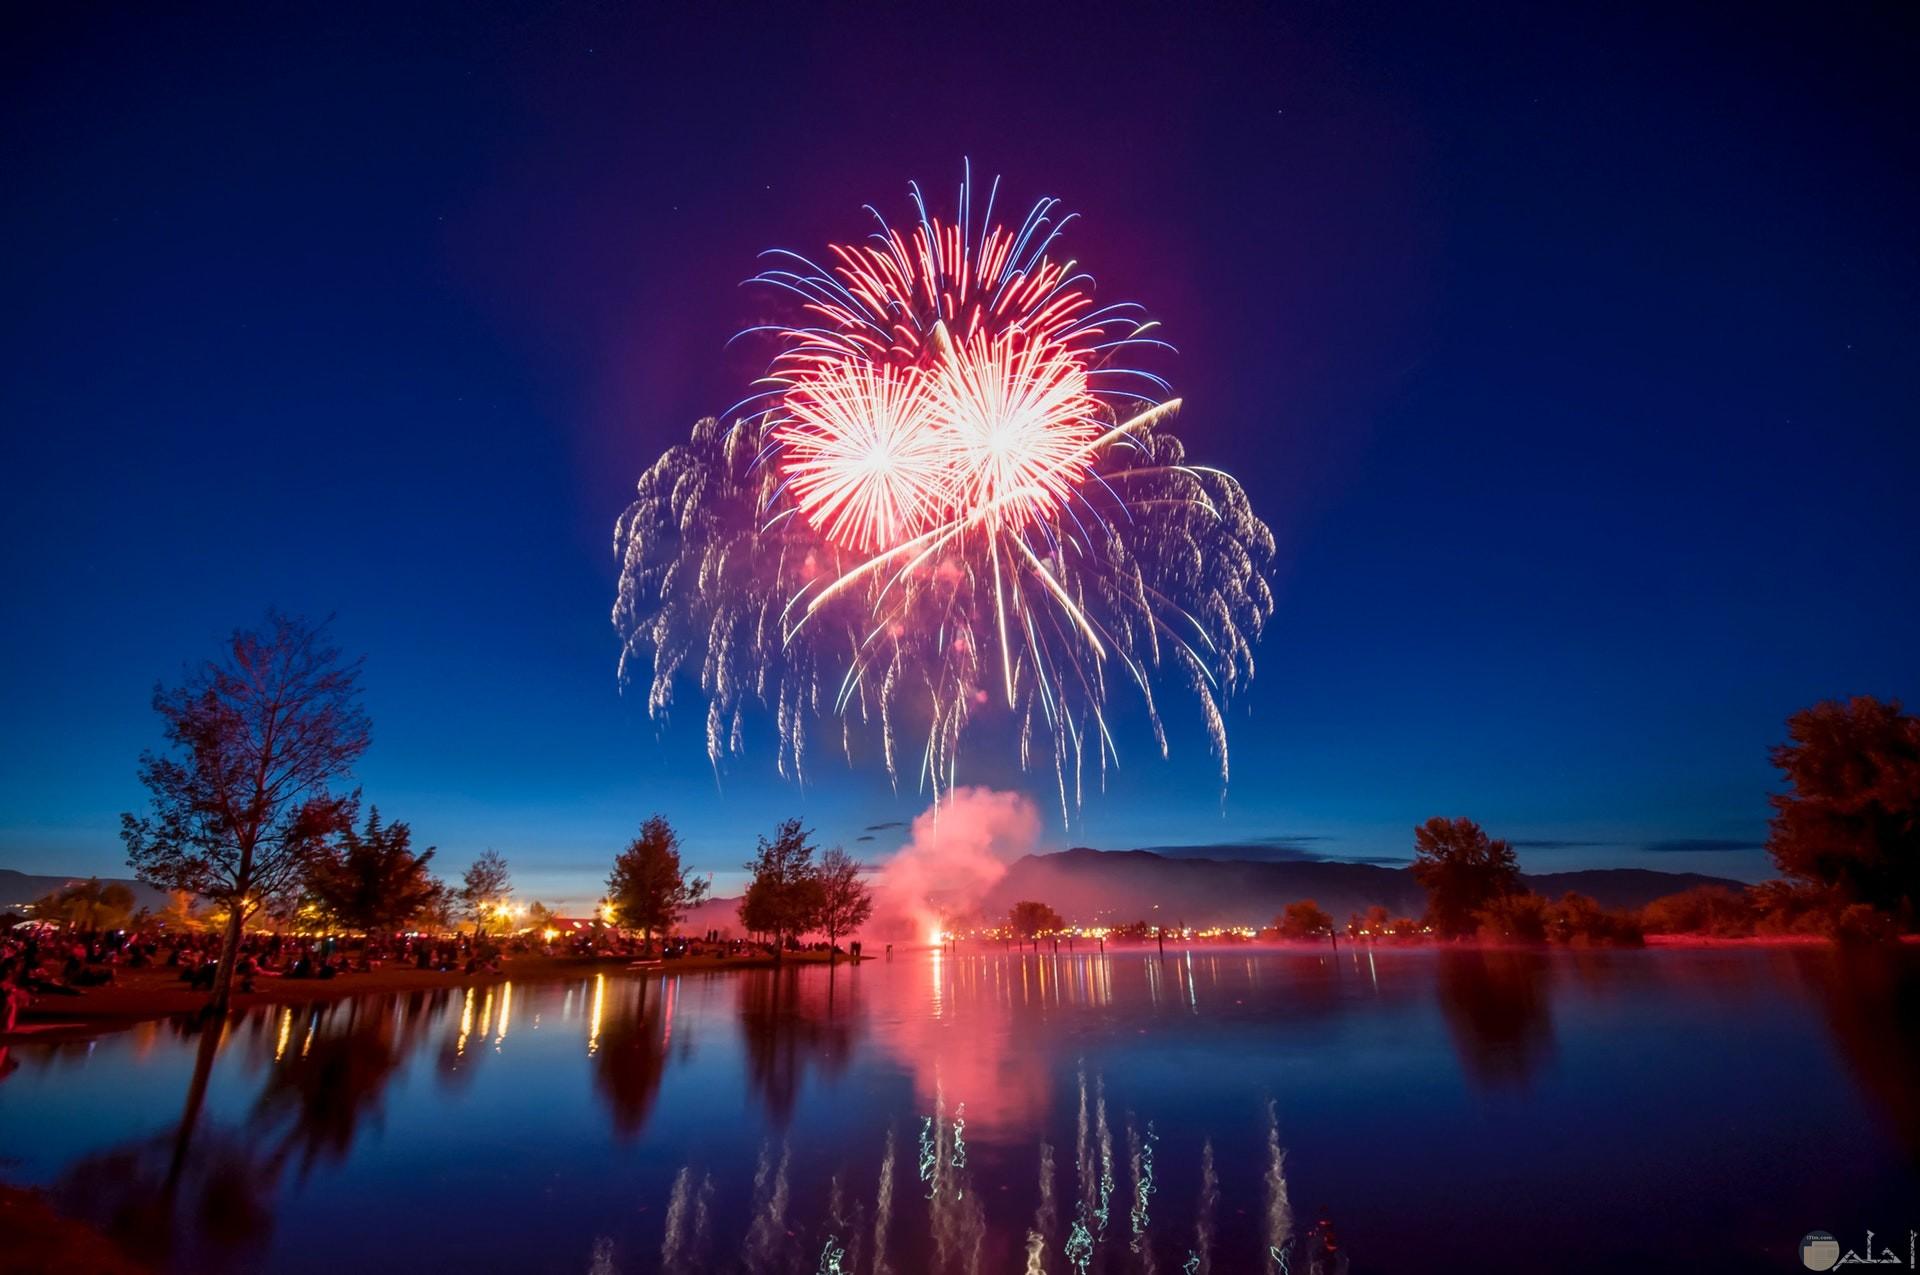 صورة جميلة للمفرقعات والألعاب النارية باللون الأحمر والأبيض والأزرق حلوة جدا في السماء